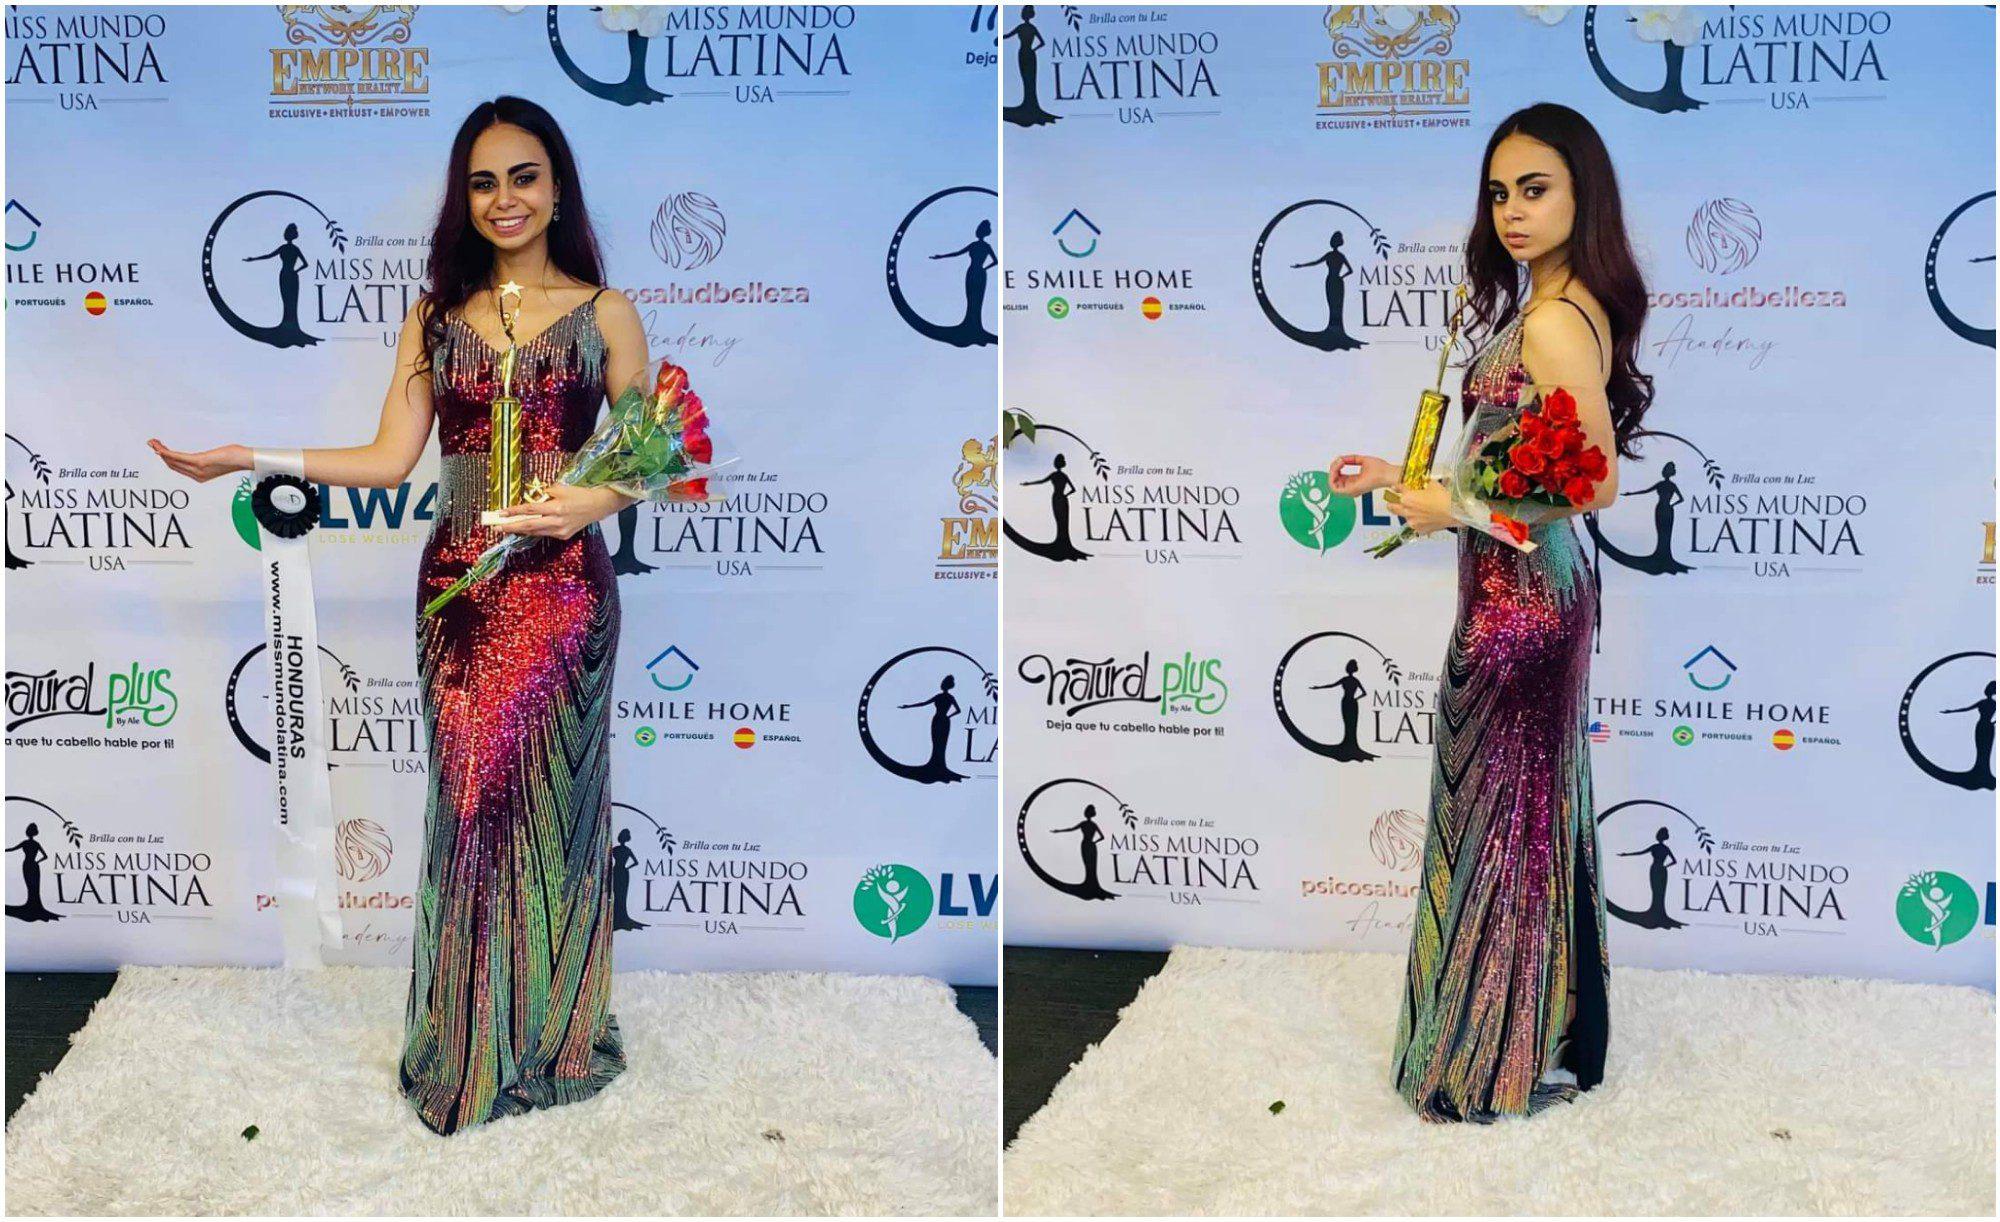 Hondureña Lizbeth Panchame gana tercer lugar en Miss Mundo Latina